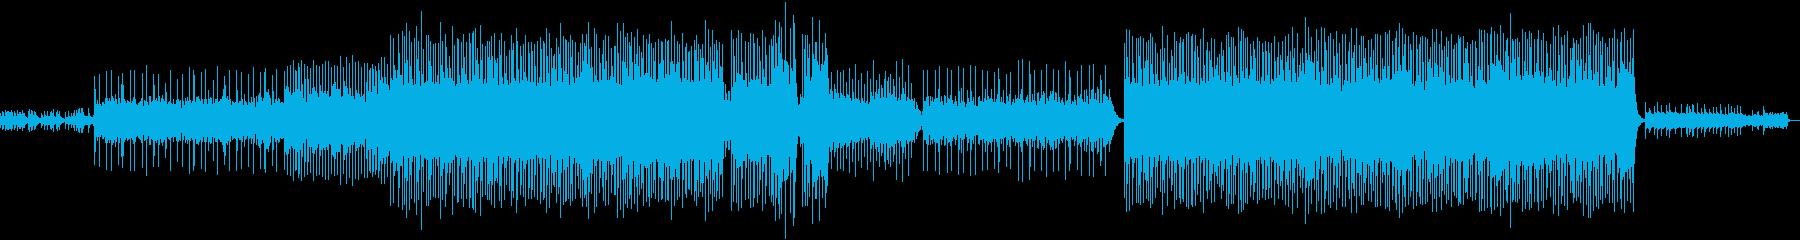 キラキラシンセが印象的で神秘的なサウンドの再生済みの波形